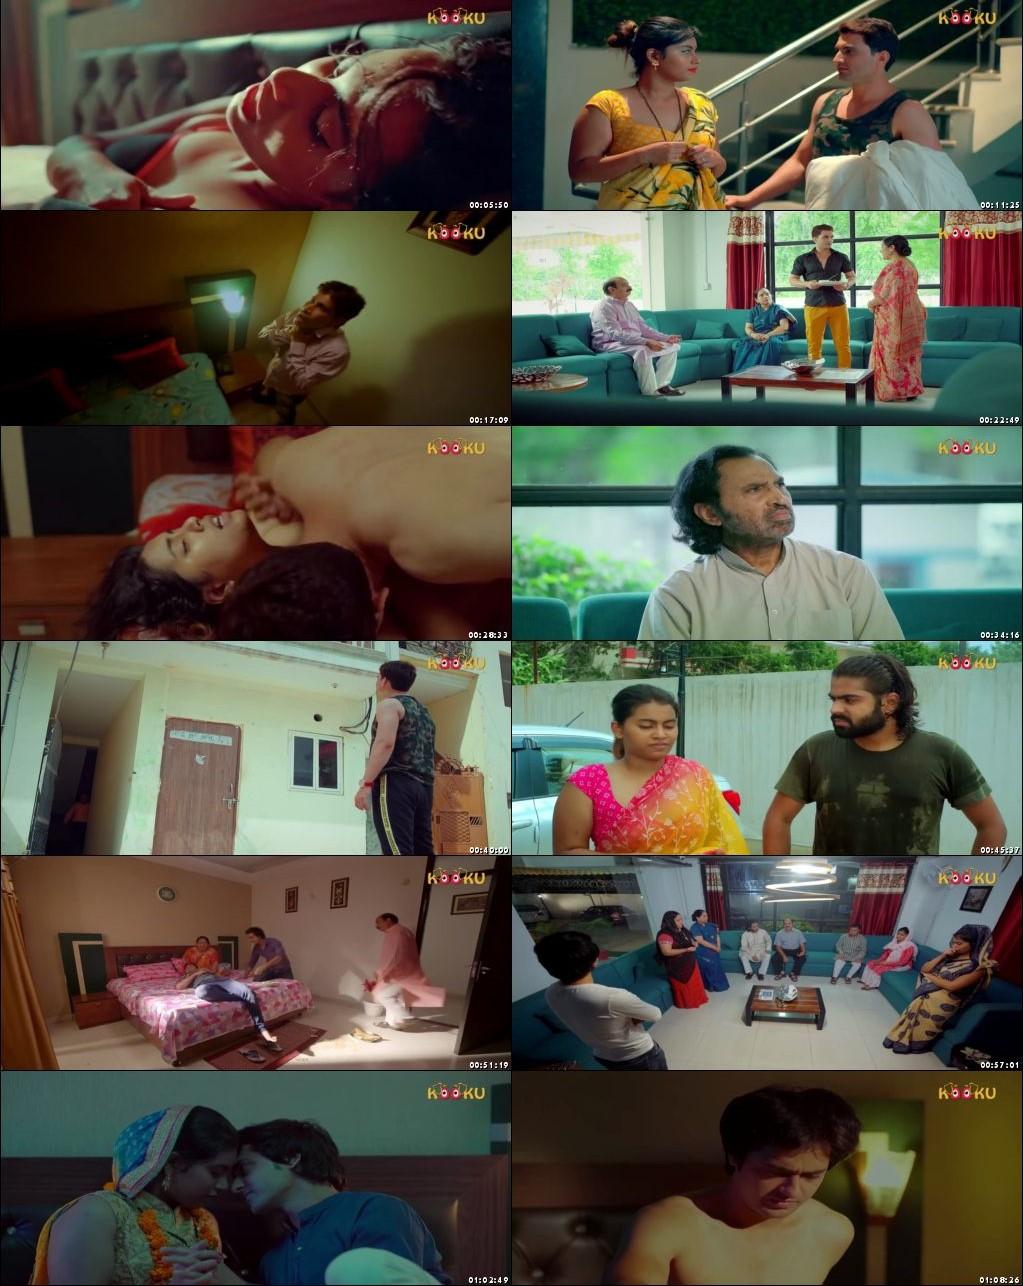 Bhaiya Ki Biwi 2020 Full Hindi Episode Online Watch